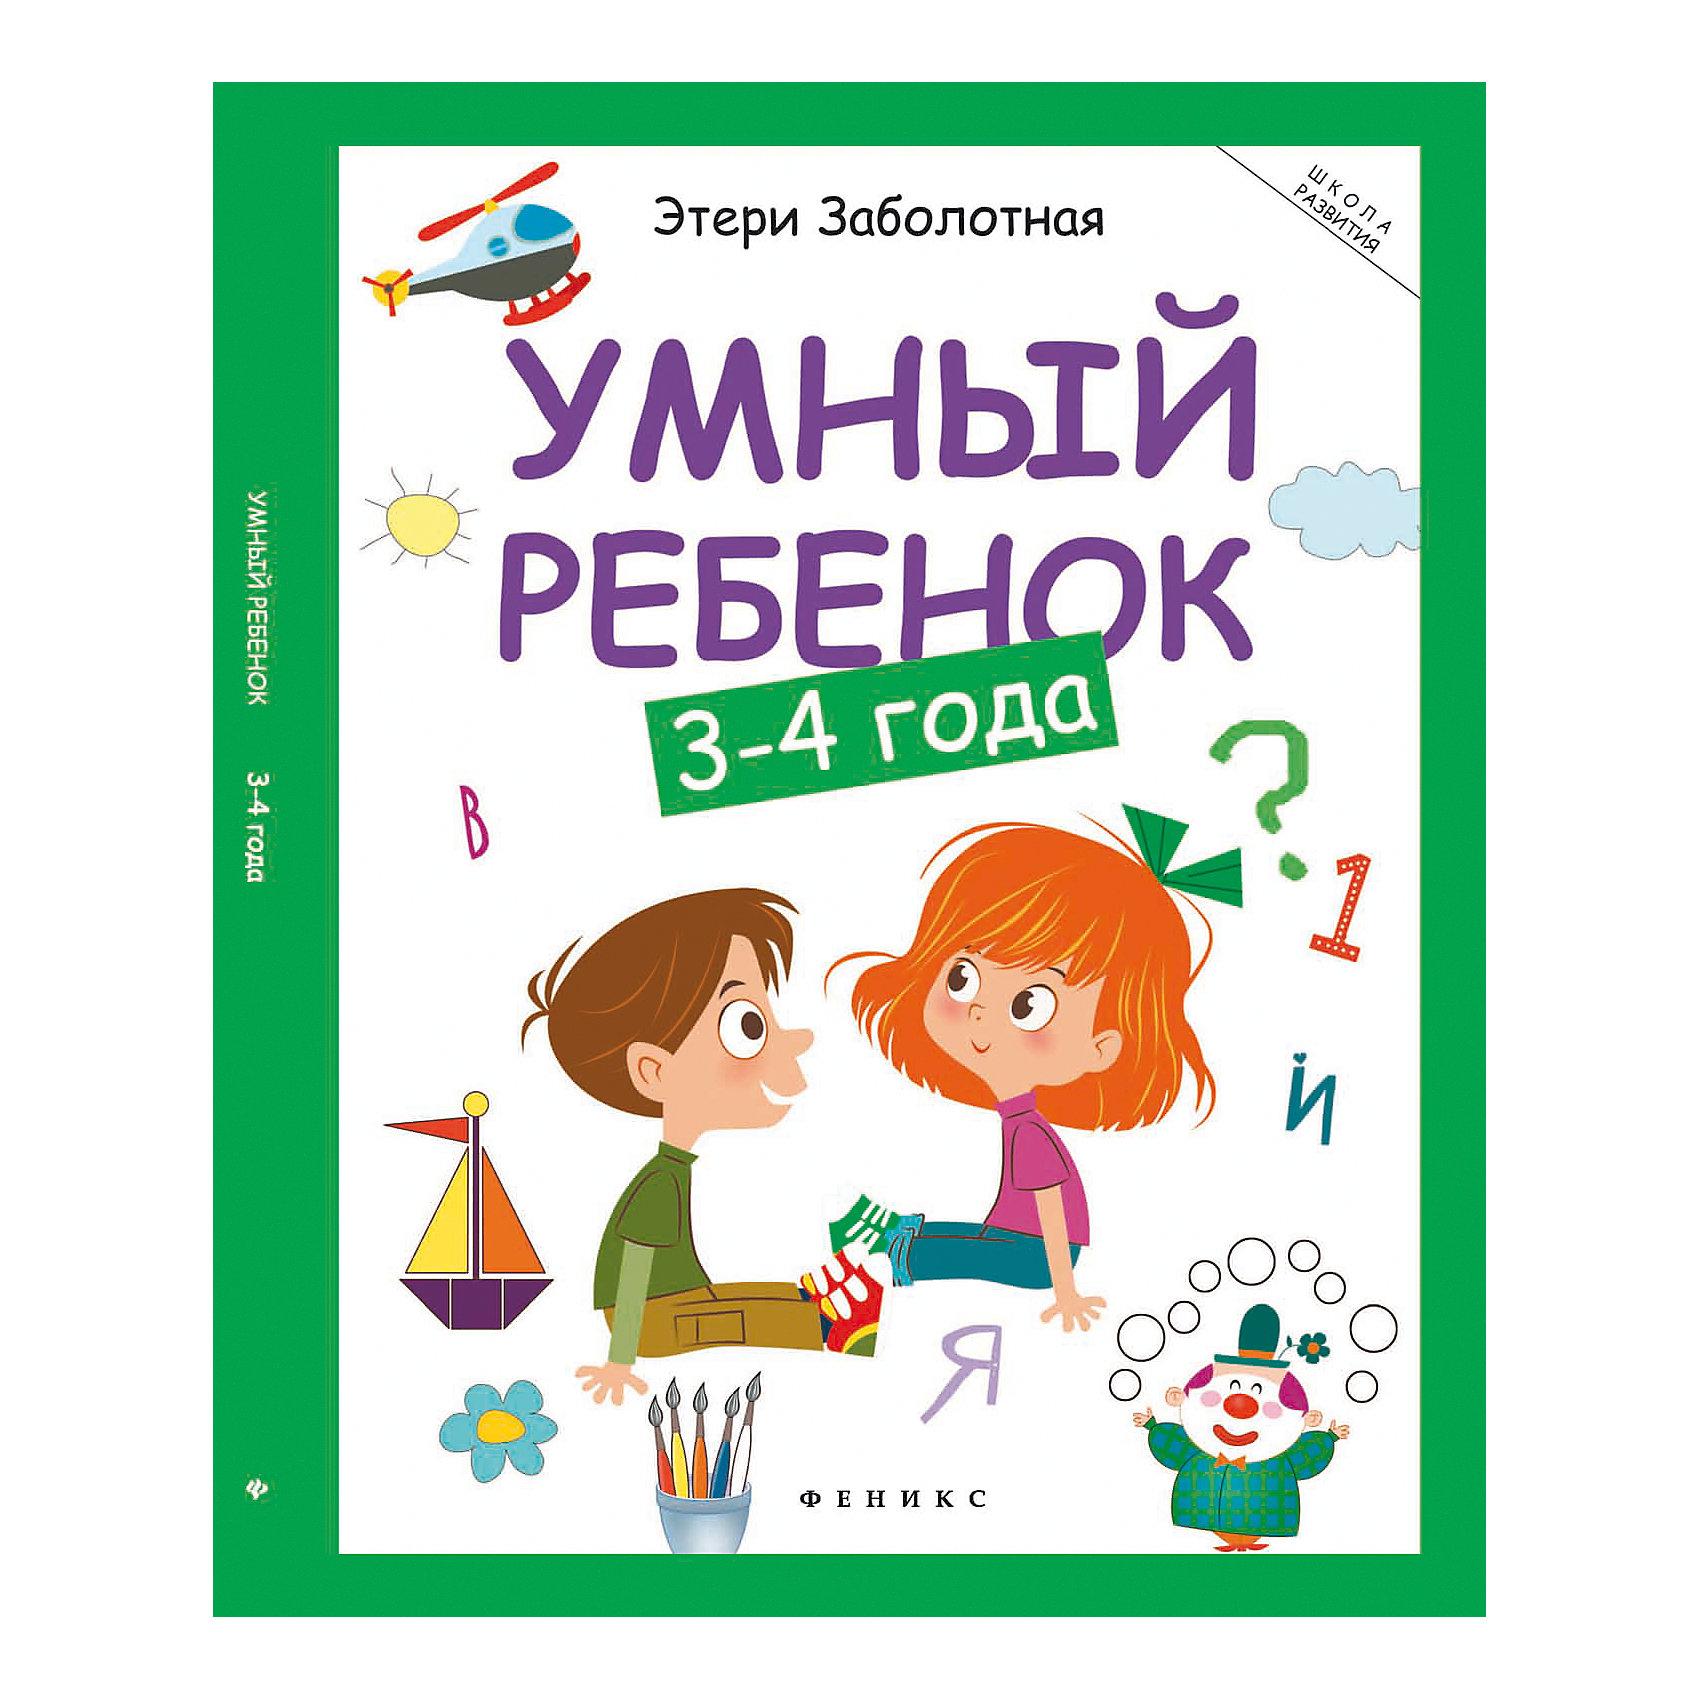 Умный ребенок: 3-4 годаТесты и задания<br>Умный ребенок: 3-4 года – это красочная книга, представляющий собой цикл занятий с игровыми иллюстрированными заданиями для малышей.<br>В книге содержится множество заданий для малышей от 3 до 4 лет. Задания охватывают самые разные области: изучение цифр и счета, букв. Есть упражнения на внимательность (найти различия, найди ошибку). Логические задачи: найди лишнее, продолжи последовательность. В некоторых заданиях нужно использовать карандаши: обвести рисунок по контуру, дорисовать рисунок. Все задания и упражнения даны в игровой форме. Серия книг Умный ребенок представляет собой комплексную программу умственного развития ребенка от 2 до 6 лет и содержит 4 пособия. Обучаясь по данной программе, ребенок получит раннее, всестороннее развитие интеллекта и приобретет необходимые знания, умения и навыки для успешного обучения в школе.<br><br>Дополнительная информация:<br><br>- Автор: Заболотная Этери Николаевна<br>- Художник: Сытько Светлана<br>- Редактор: Бахметова Юлия<br>- Издательство: Феникс-Премьер<br>- Серия: Школа развития<br>- Тип обложки: мягкий переплет (крепление скрепкой или клеем)<br>- Иллюстрации: цветные<br>- Количество страниц: 128 (офсет)<br>- Размер: 260x200x11 мм.<br>- Вес: 450 гр.<br><br>Книга «Умный ребенок: 3-4 года» - это издание, предназначенное для педагогов дошкольных учреждений, воспитателей, гувернёров, а также для индивидуальных занятий родителей с детьми.<br><br>Книгу «Умный ребенок: 3-4 года» можно купить в нашем интернет-магазине.<br><br>Ширина мм: 204<br>Глубина мм: 8<br>Высота мм: 259<br>Вес г: 373<br>Возраст от месяцев: 36<br>Возраст до месяцев: 48<br>Пол: Унисекс<br>Возраст: Детский<br>SKU: 4994798